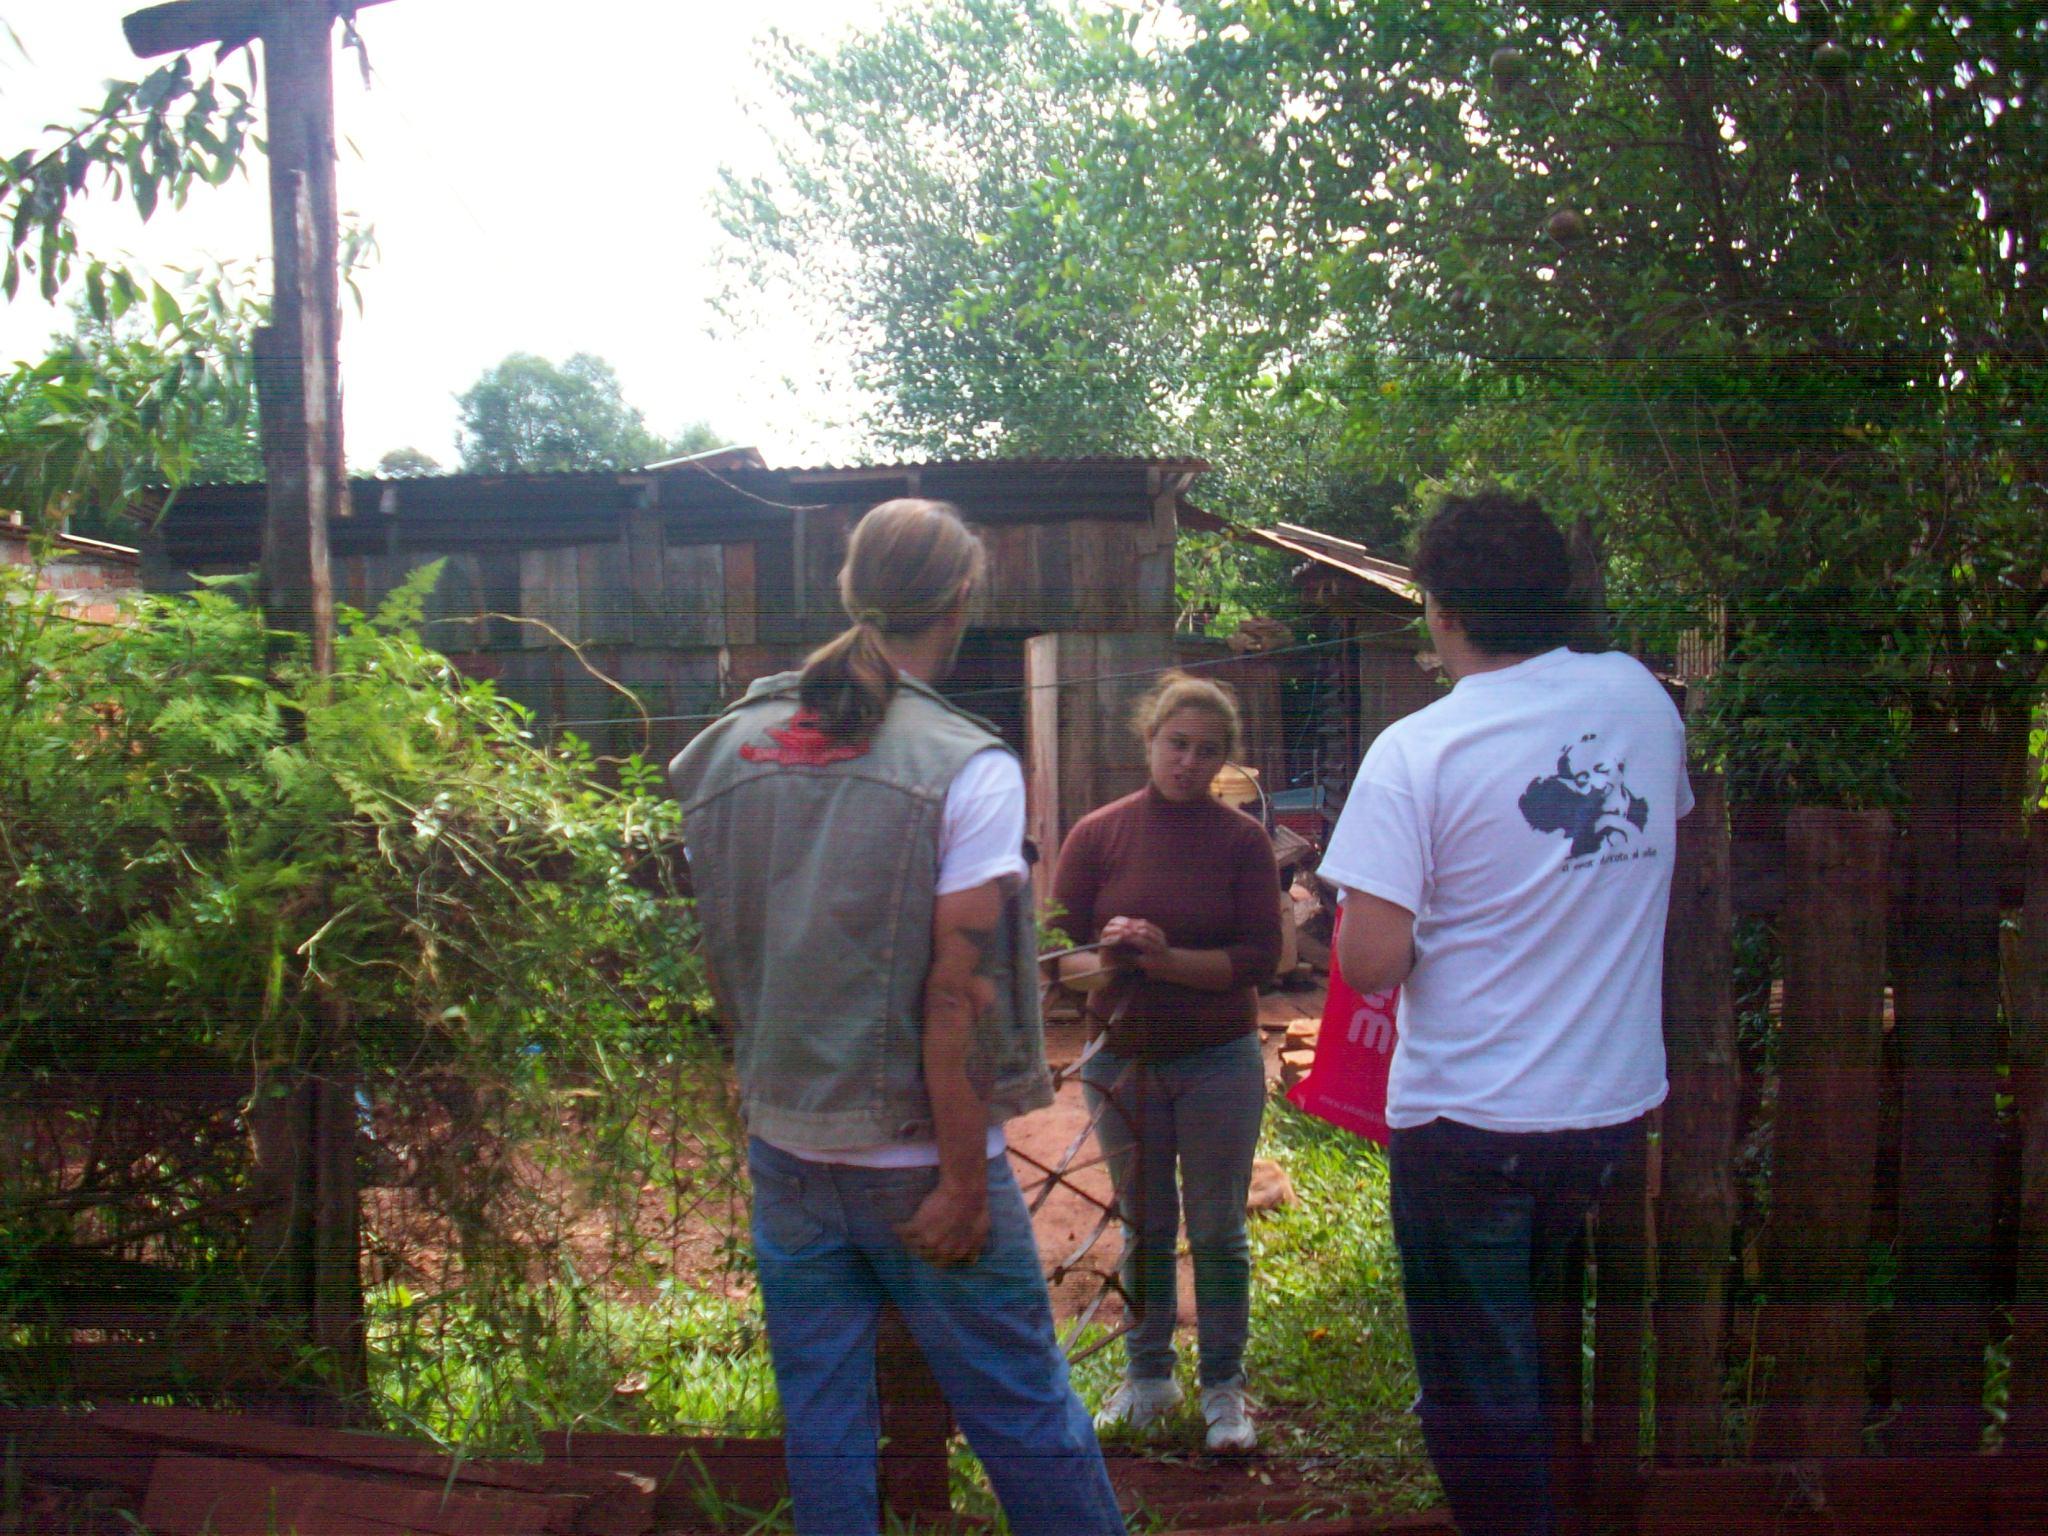 misiones-alem-barriofeltan-progresar-lapatriaeselotro2